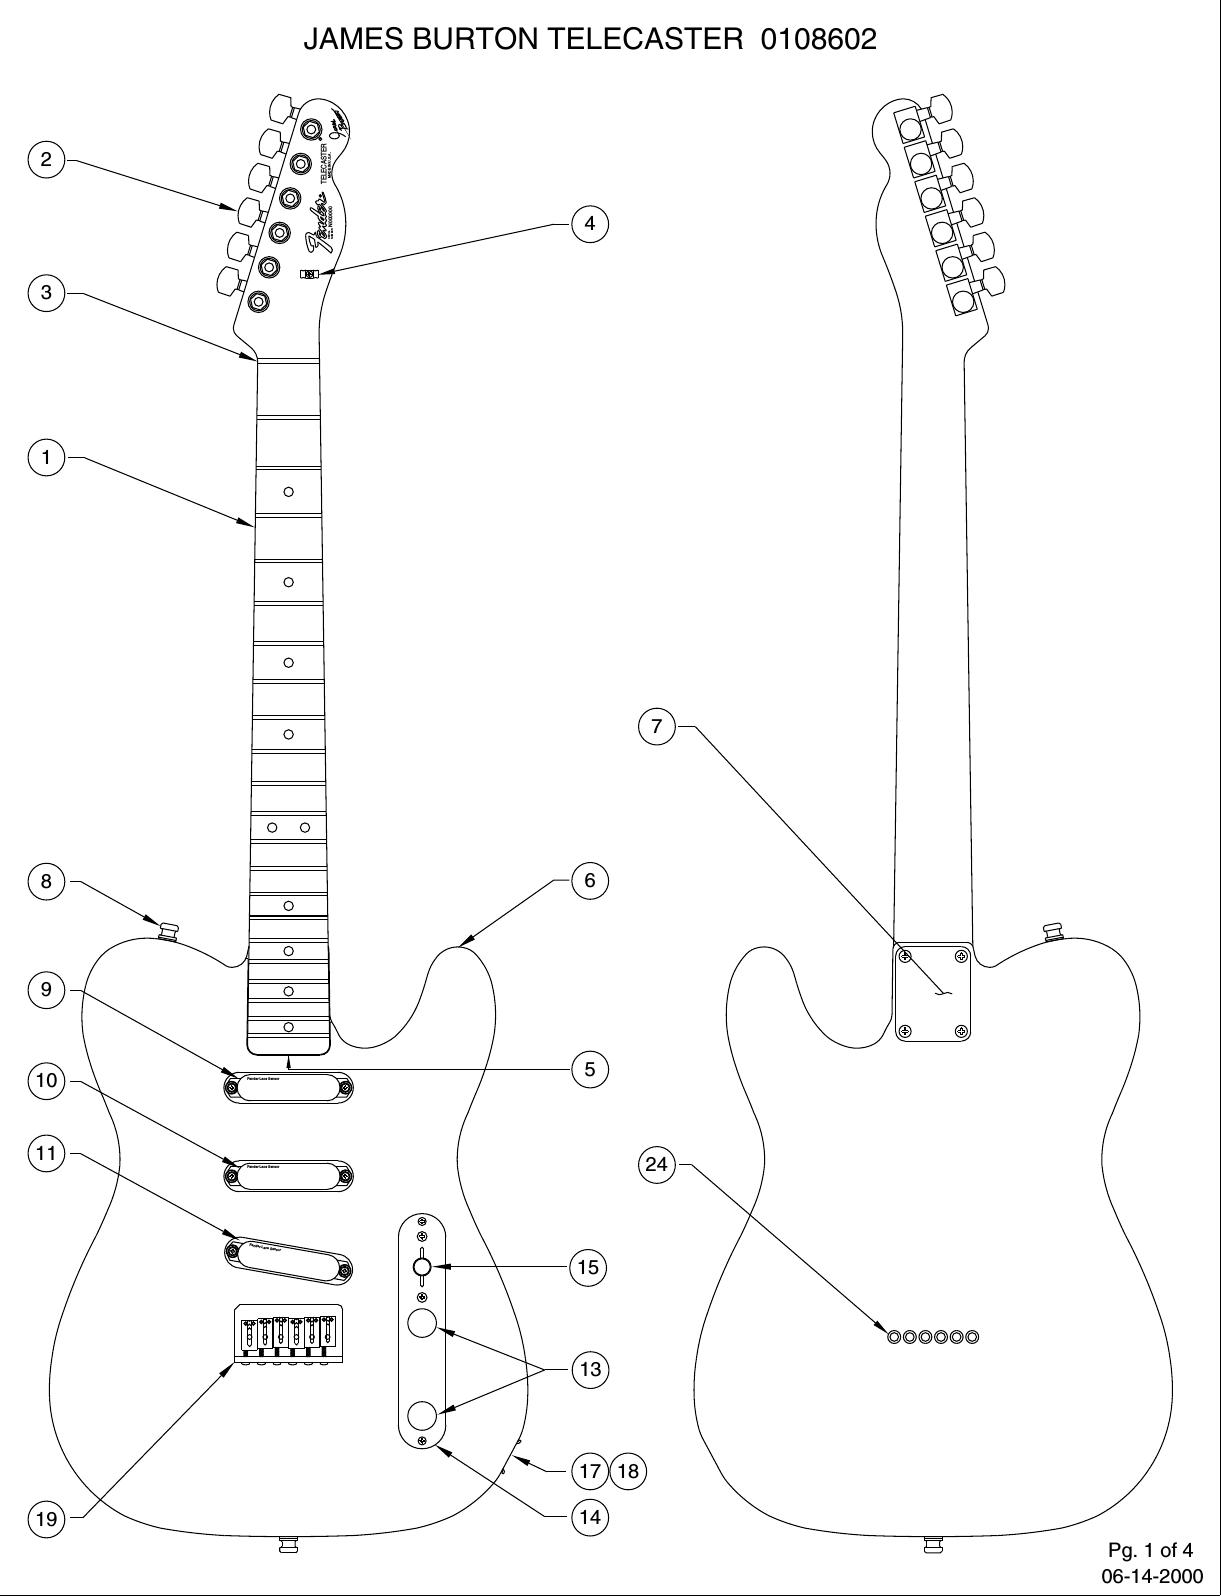 Fender 010 8602A SISD on